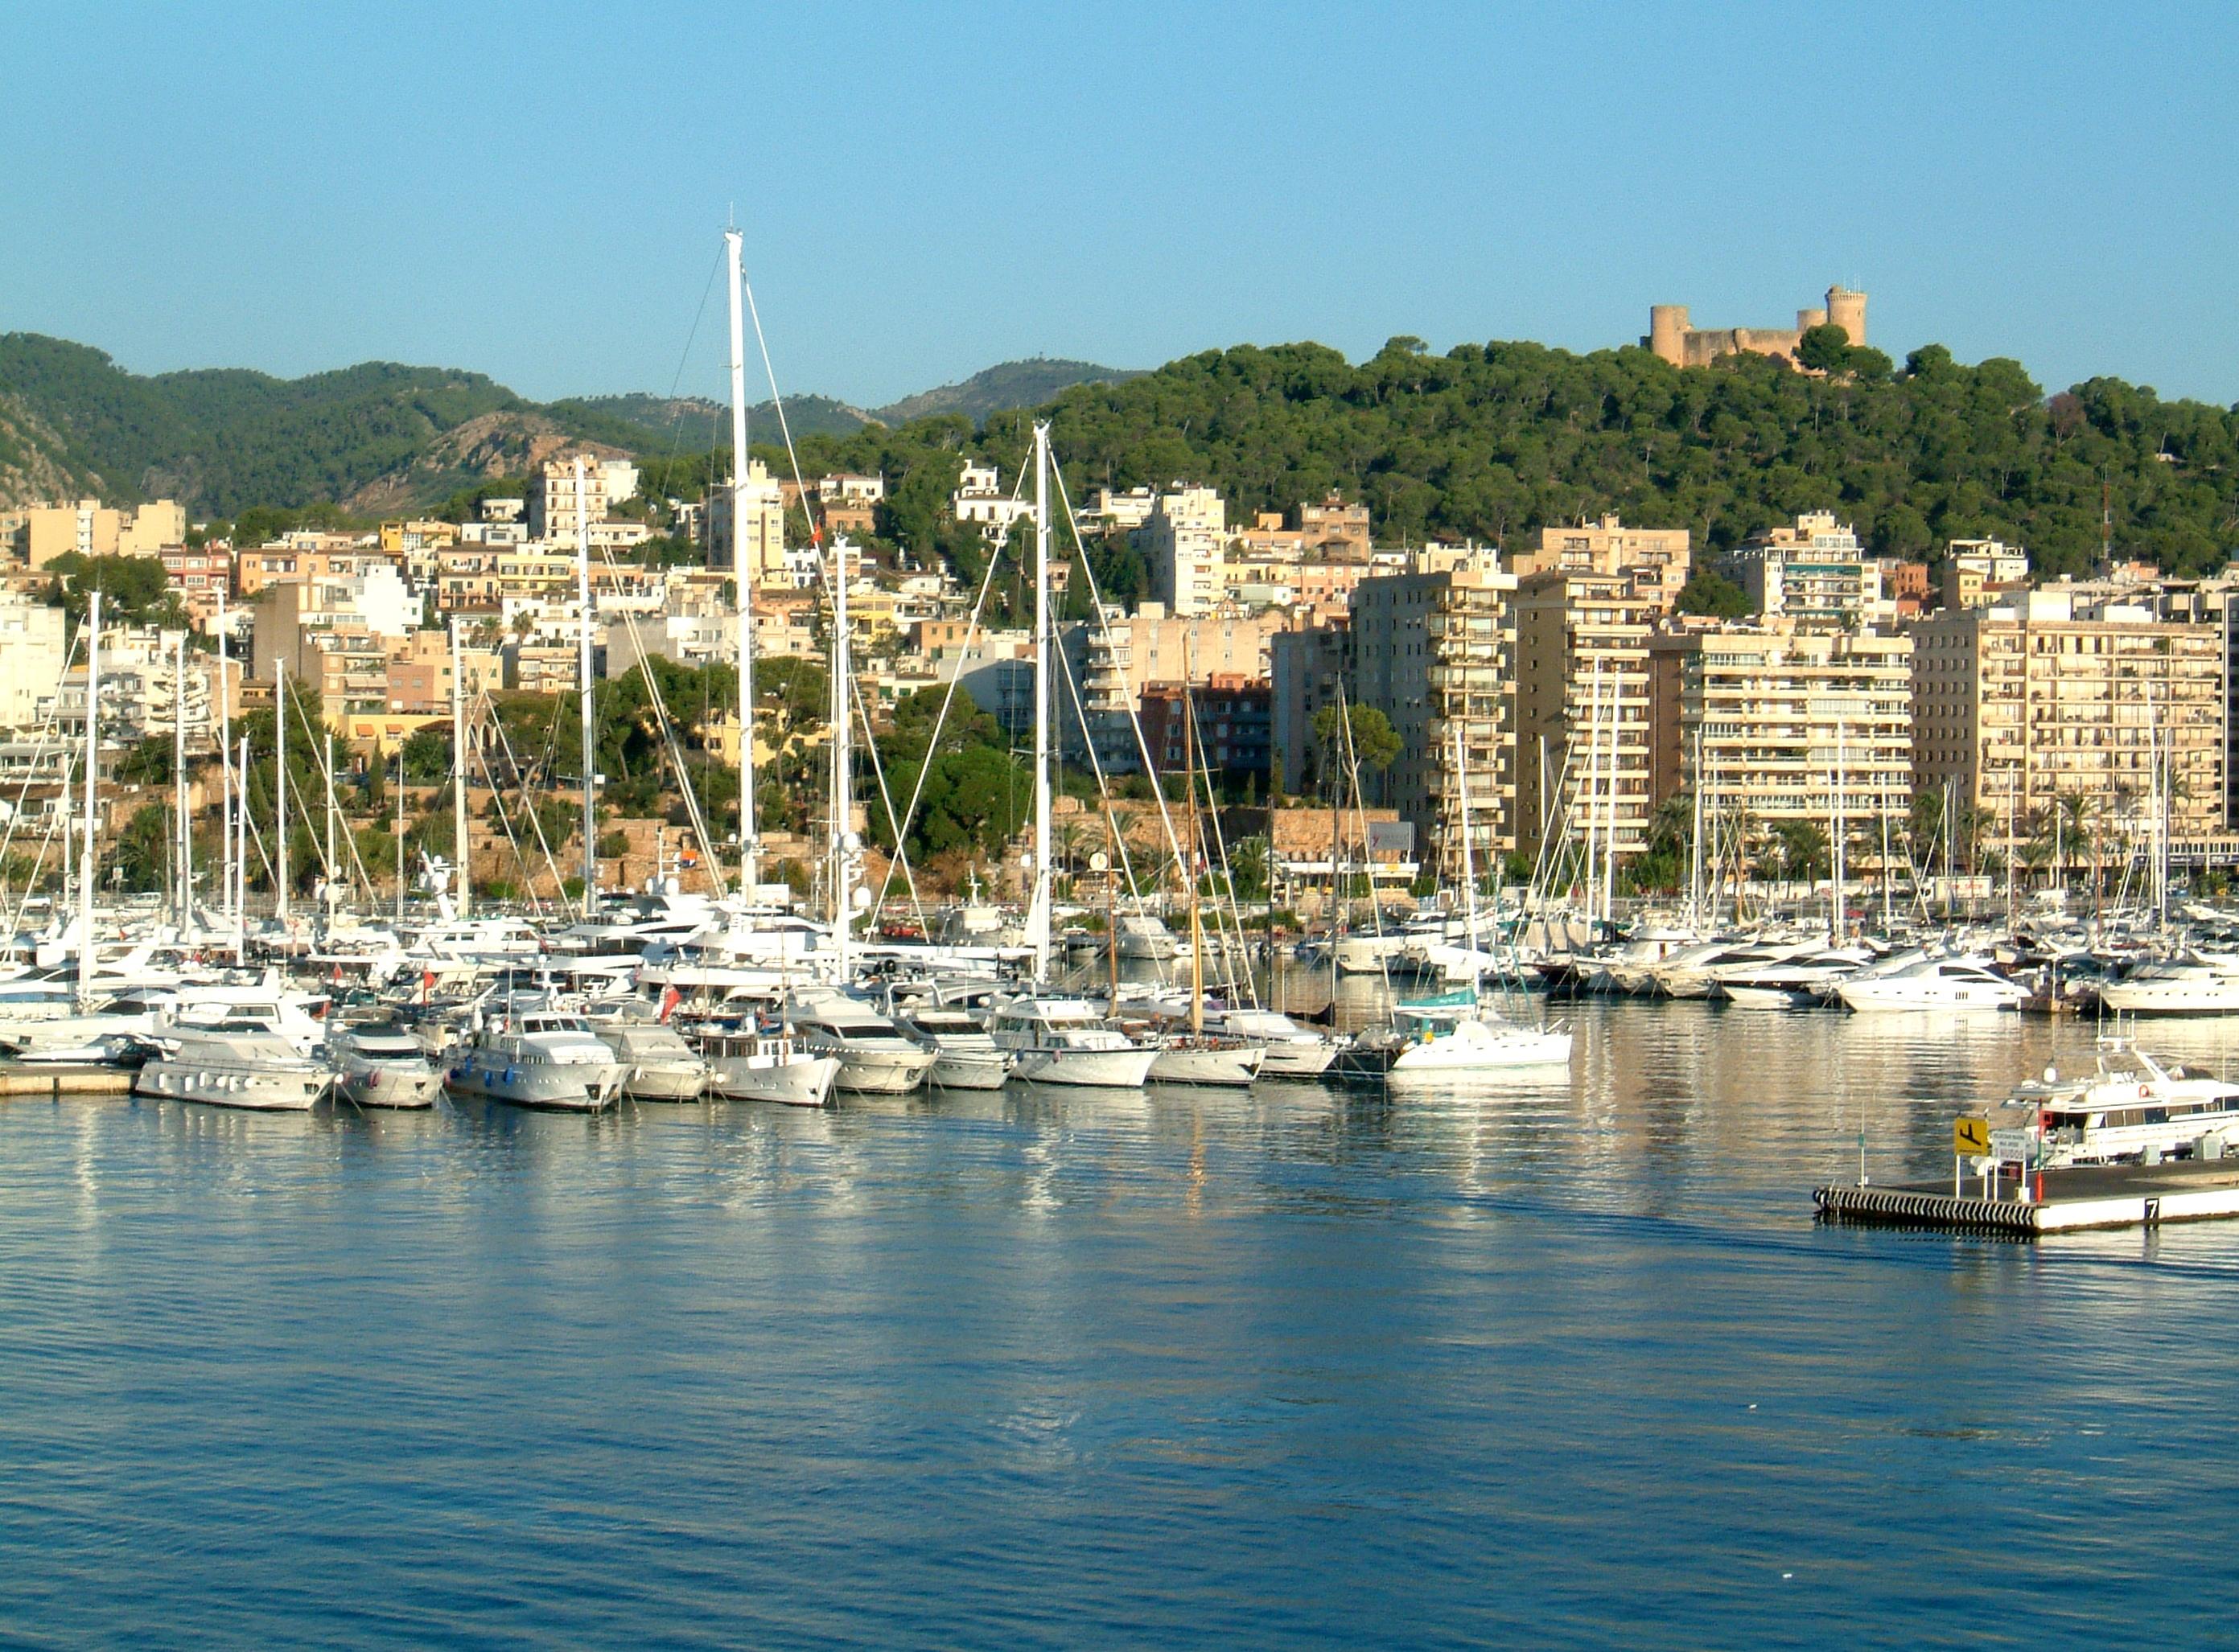 Anreise nach Mallorca mit Auto und Fähre oder dem Flugzeug